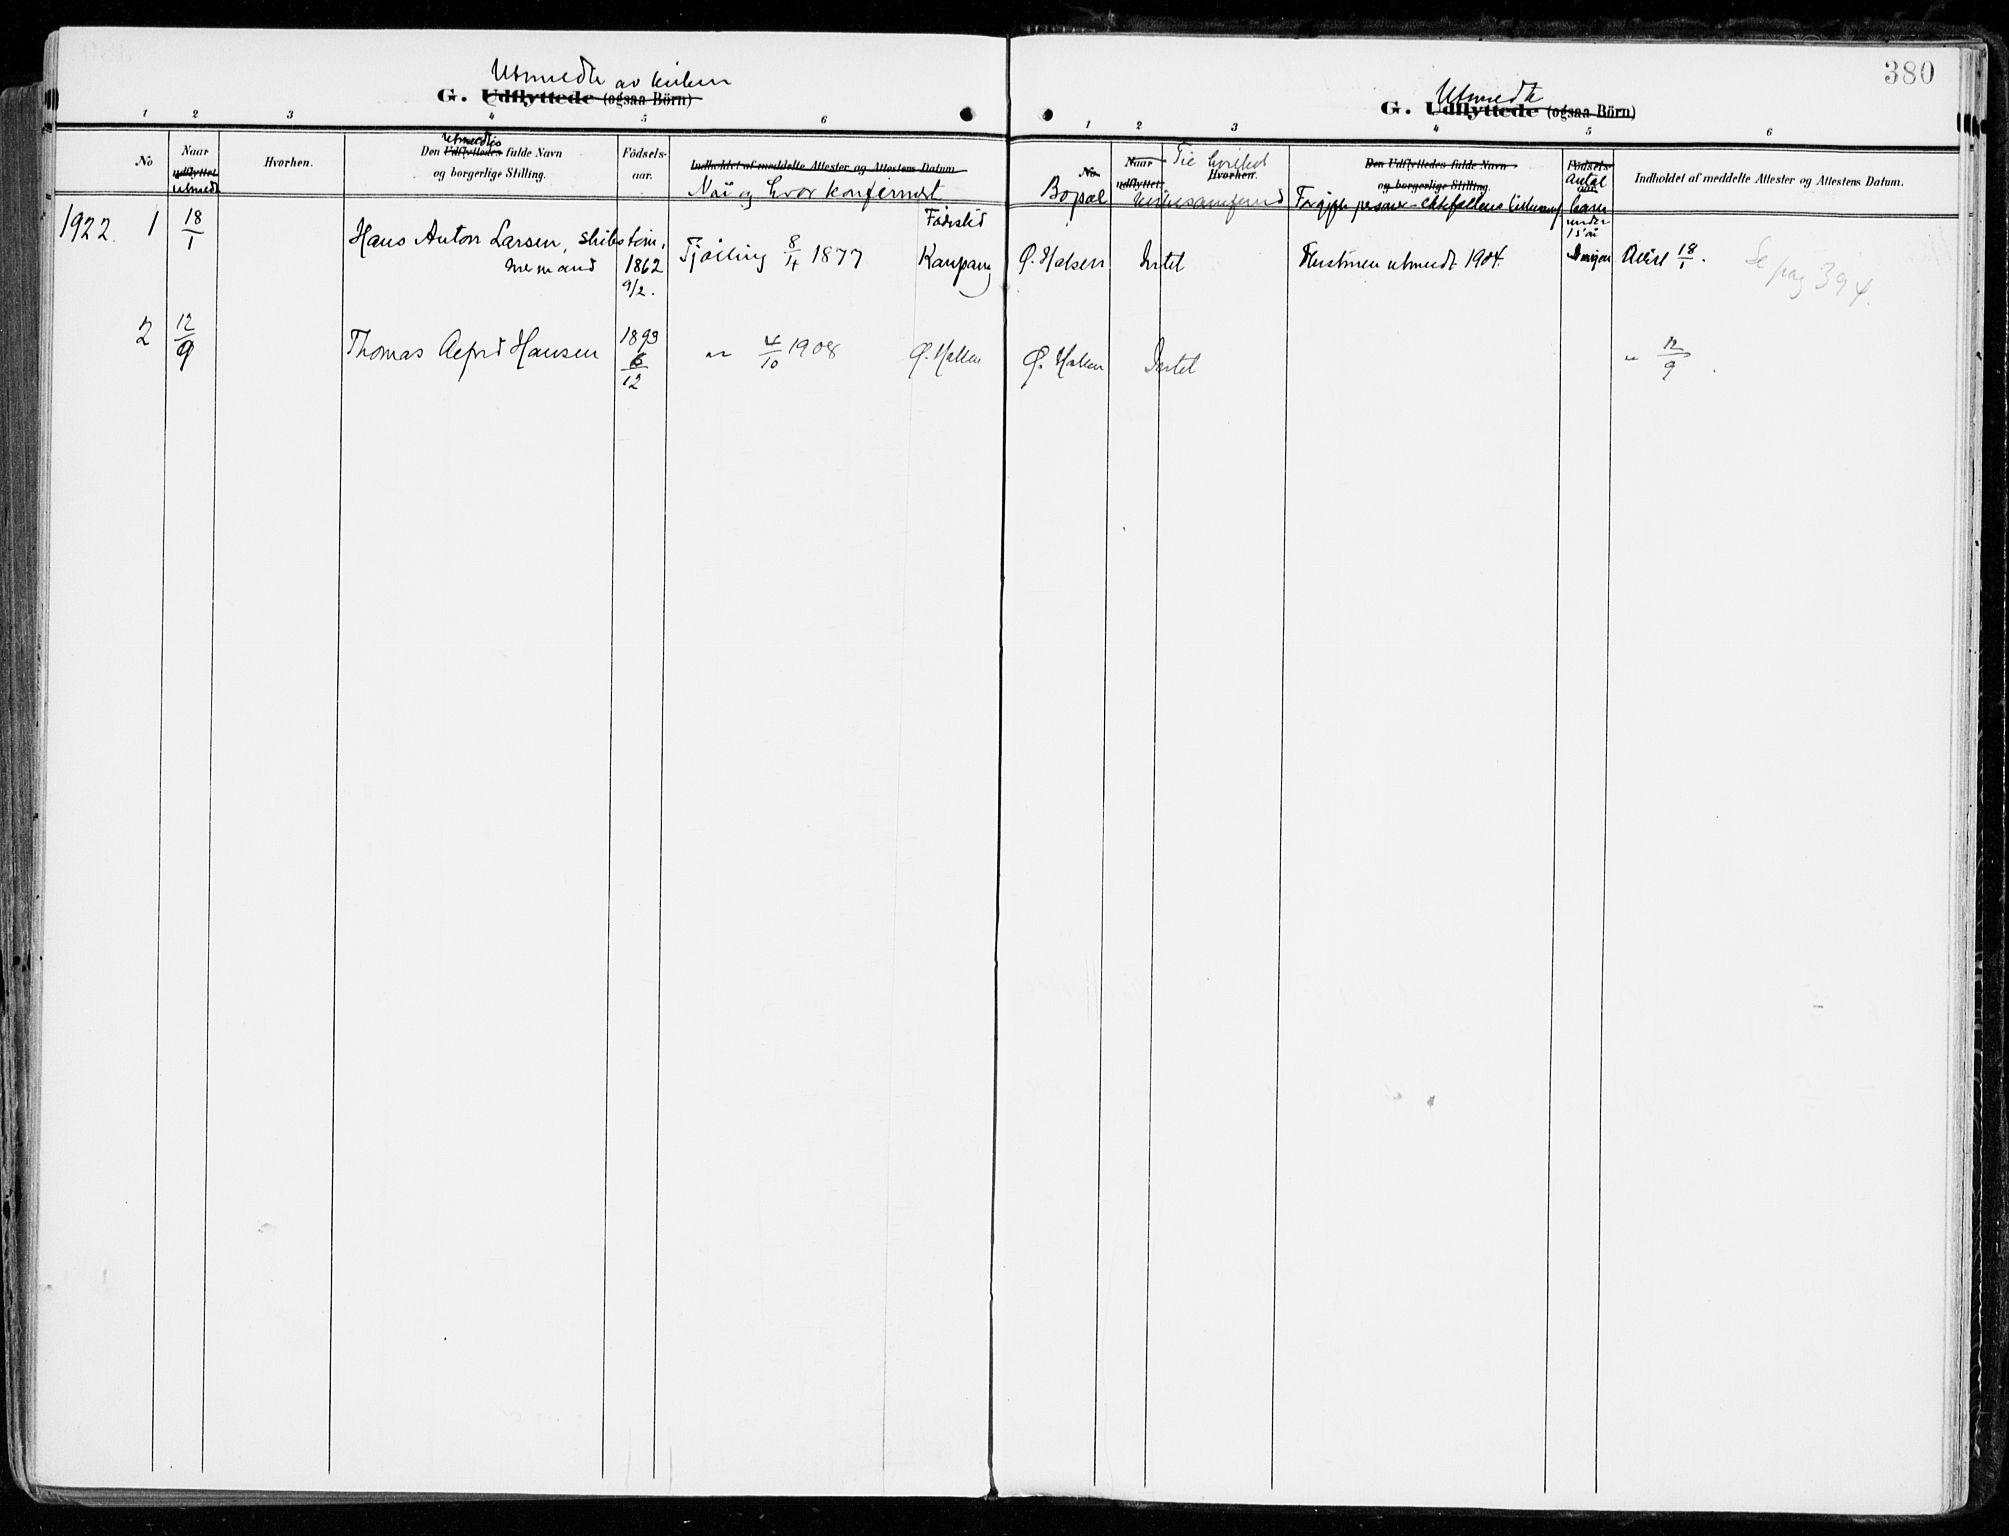 SAKO, Tjølling kirkebøker, F/Fa/L0010: Ministerialbok nr. 10, 1906-1923, s. 380